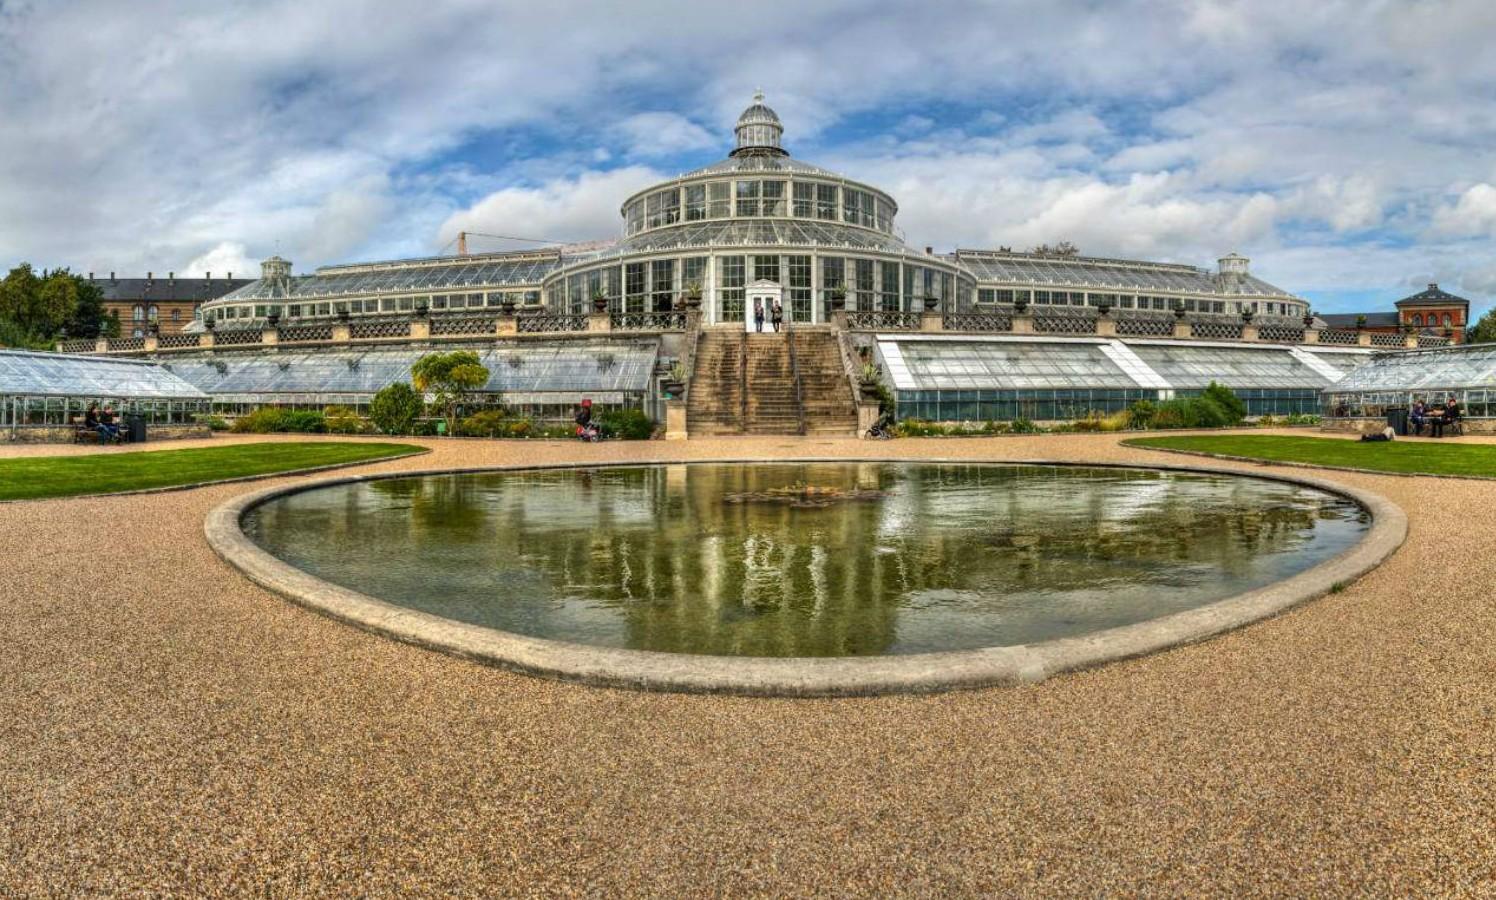 De 10 mooiste greenhouses ter wereld - De botanische tuinen van Kopenhagen